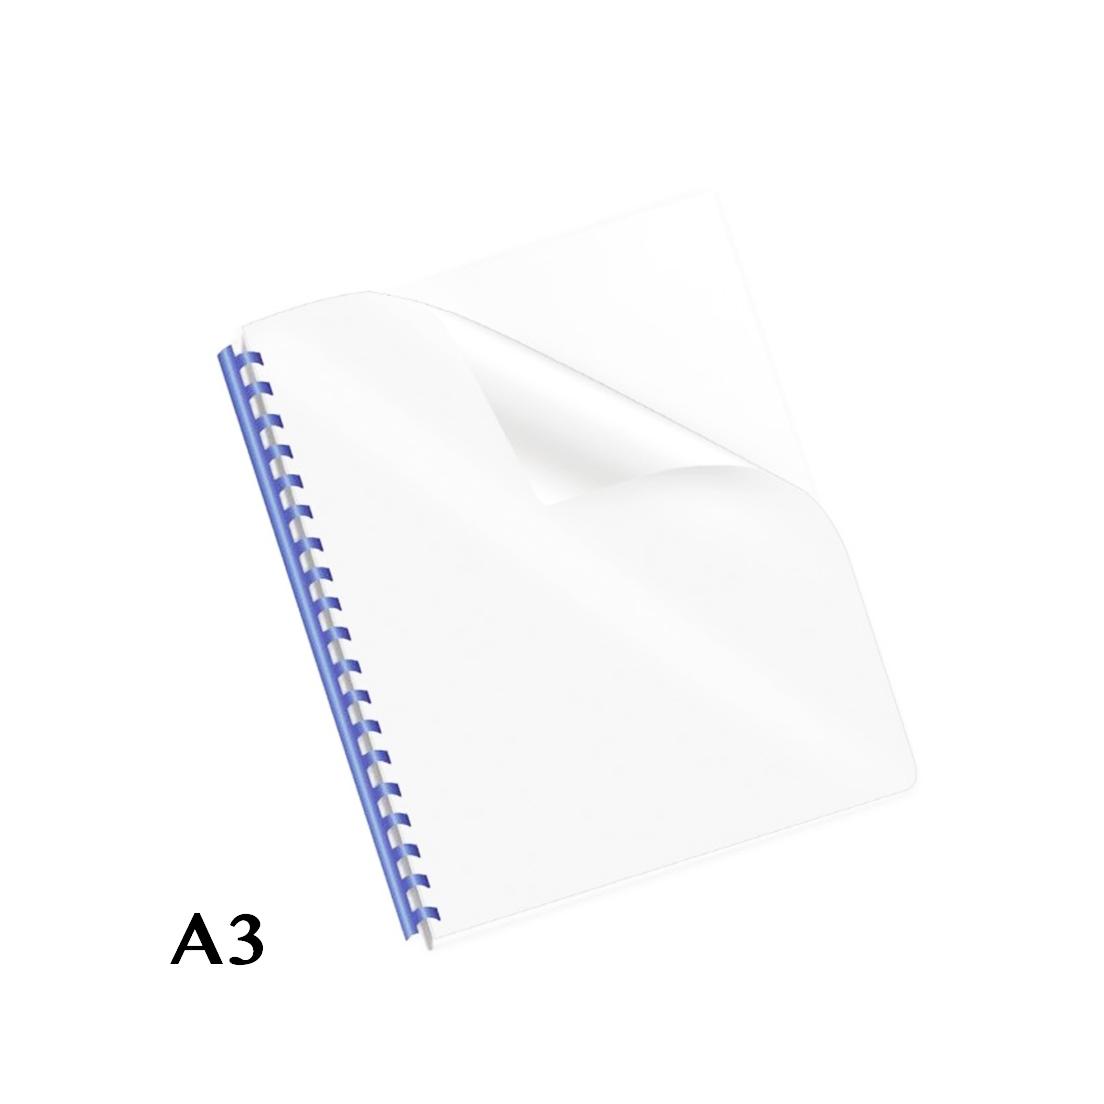 QUADRANTI IN PVC A3 100pz 20 MICRON